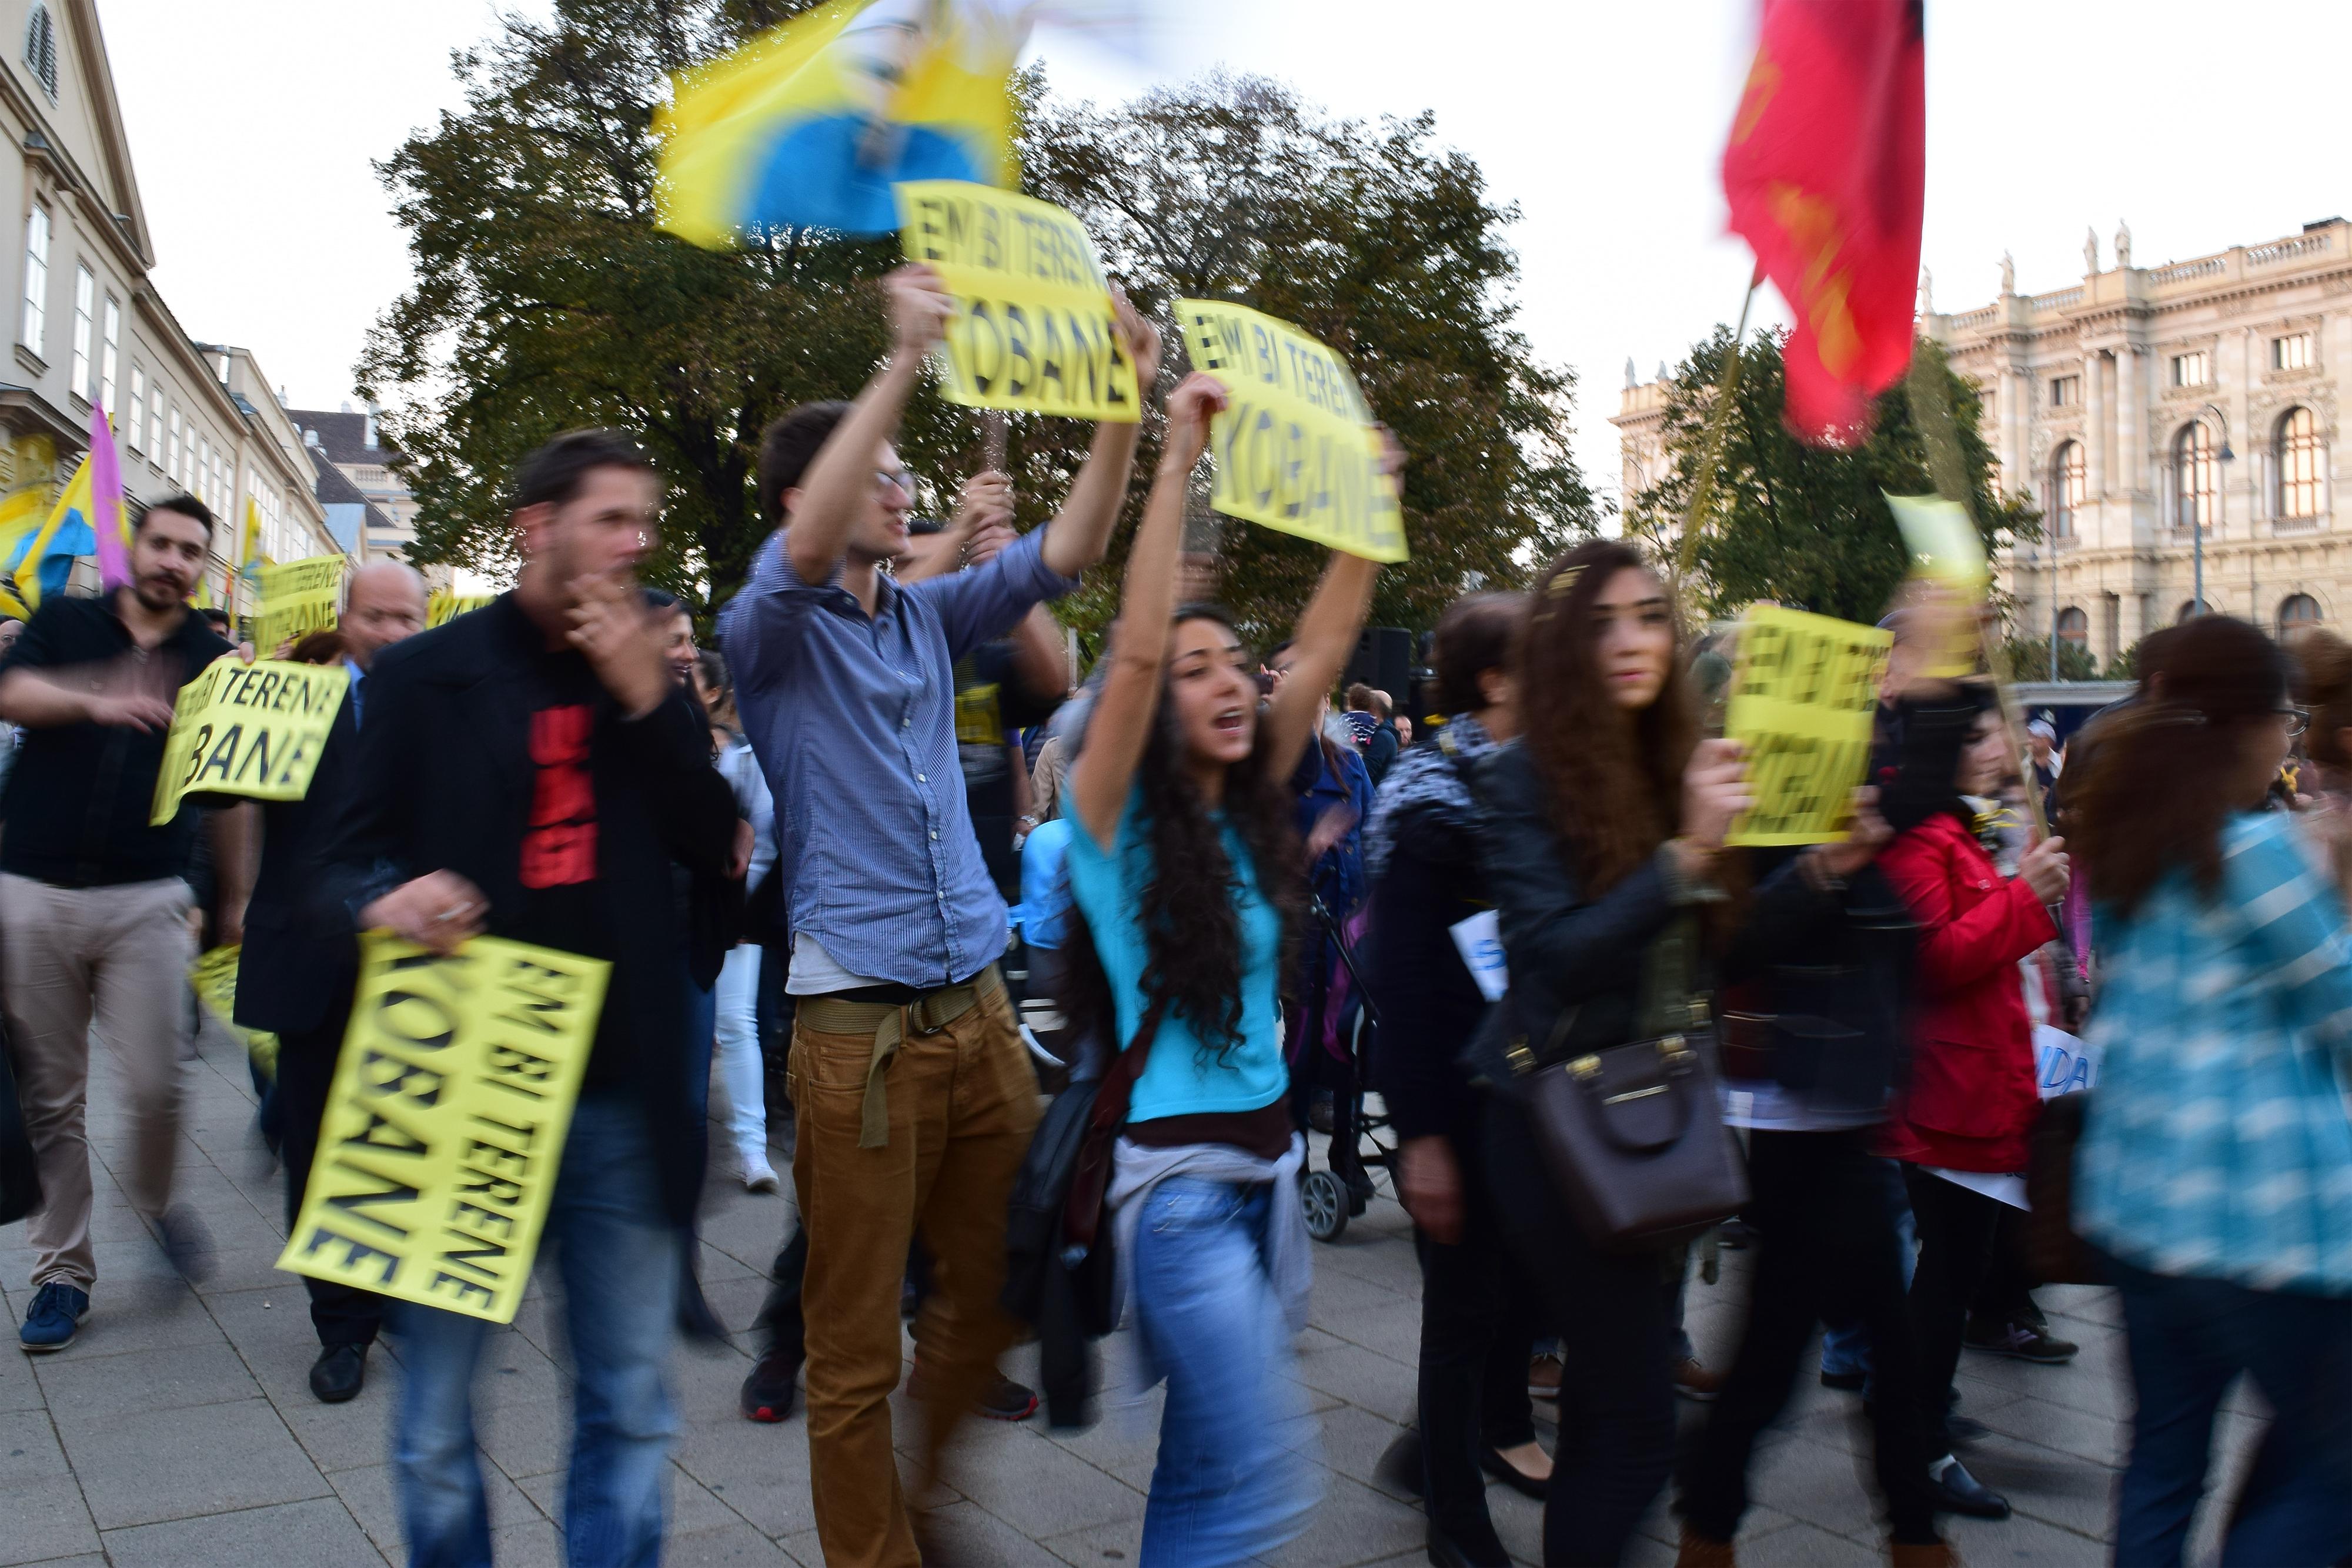 Demo Wien Photo: Kobane-Demo 2014-10-10